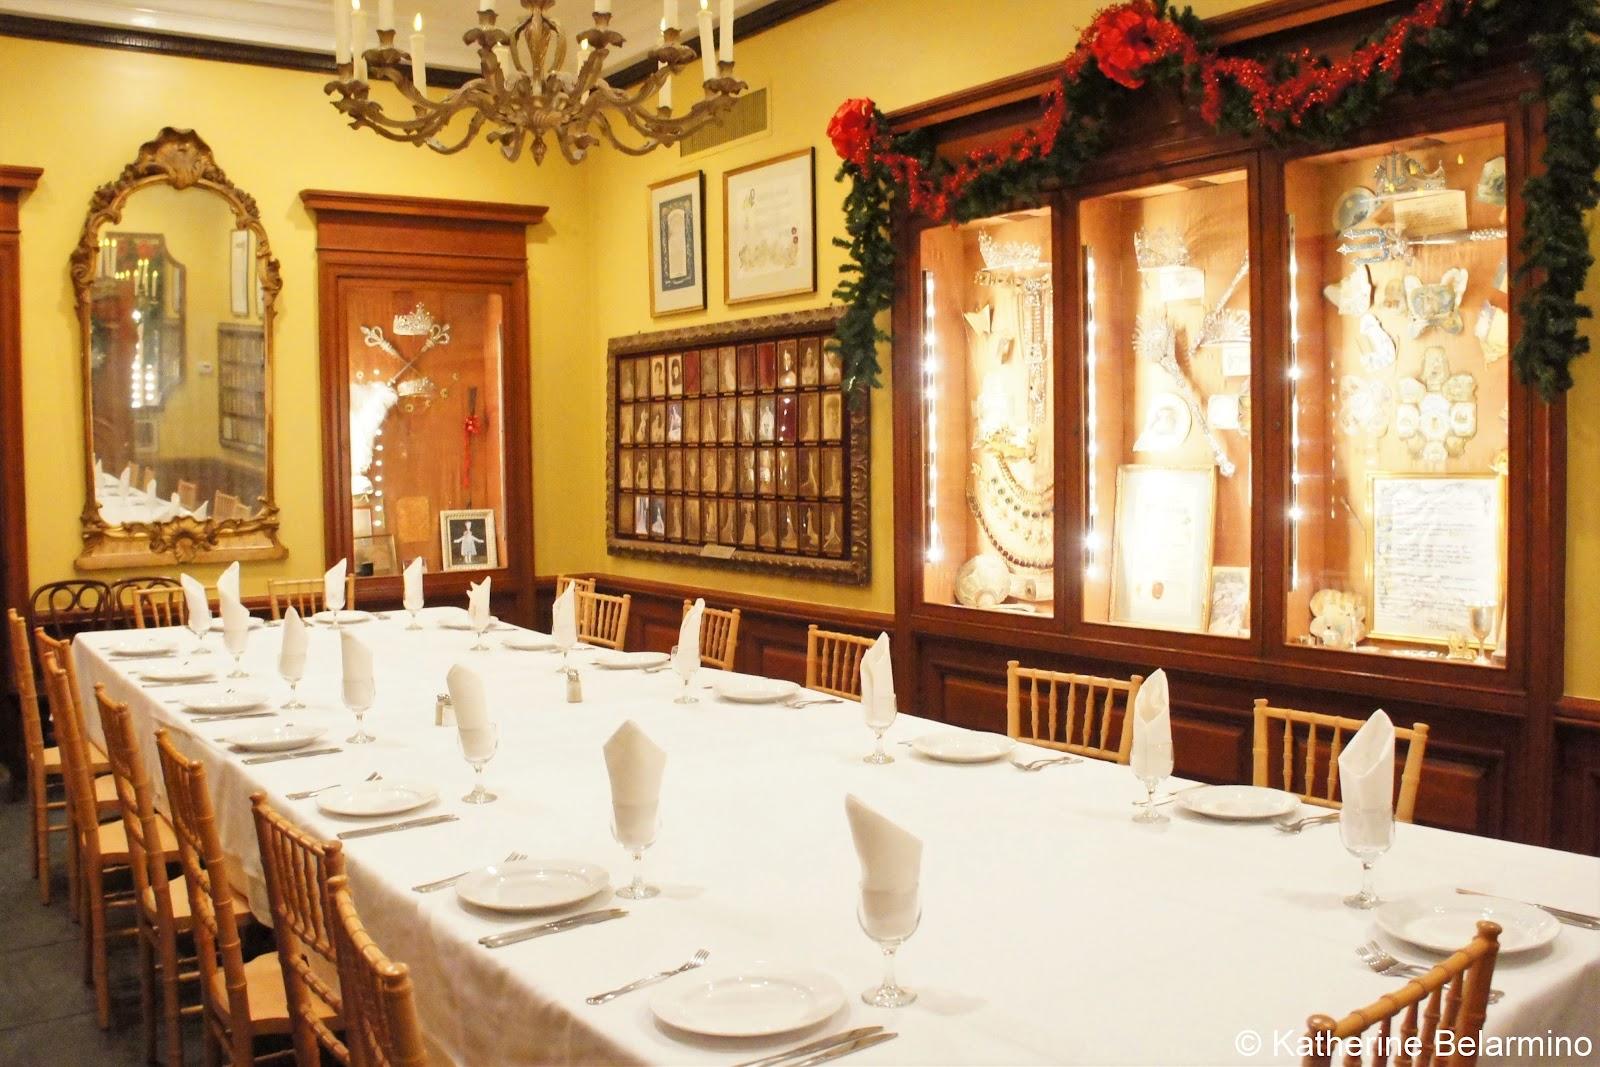 Antoine S Restaurant New Orleans Restaurants